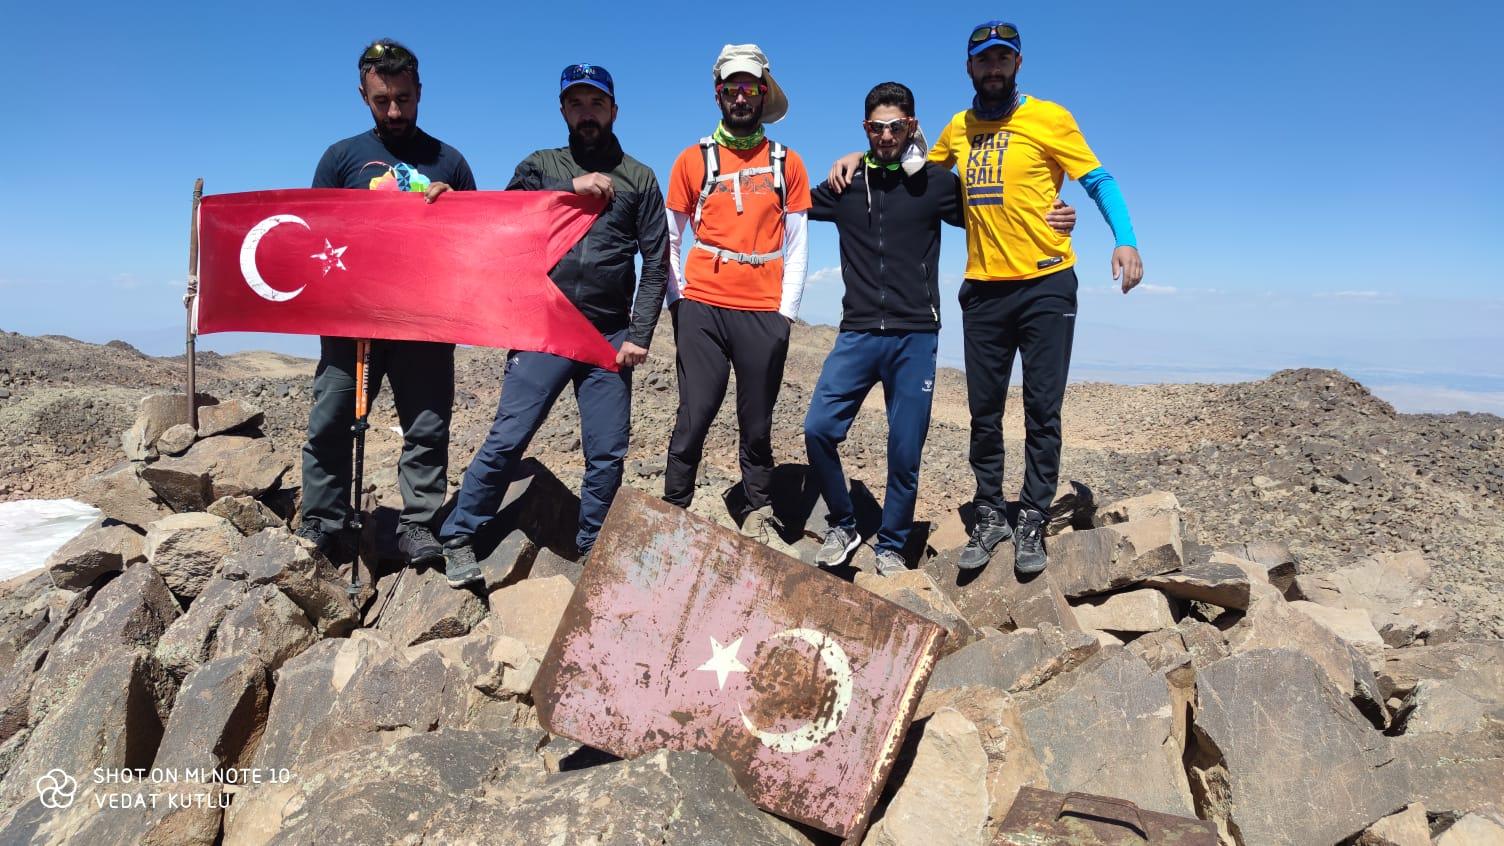 Süphan Dağı zirve tırmanışı Van ve Muş kulüplerimiz tarafından gerçekleştirildi.